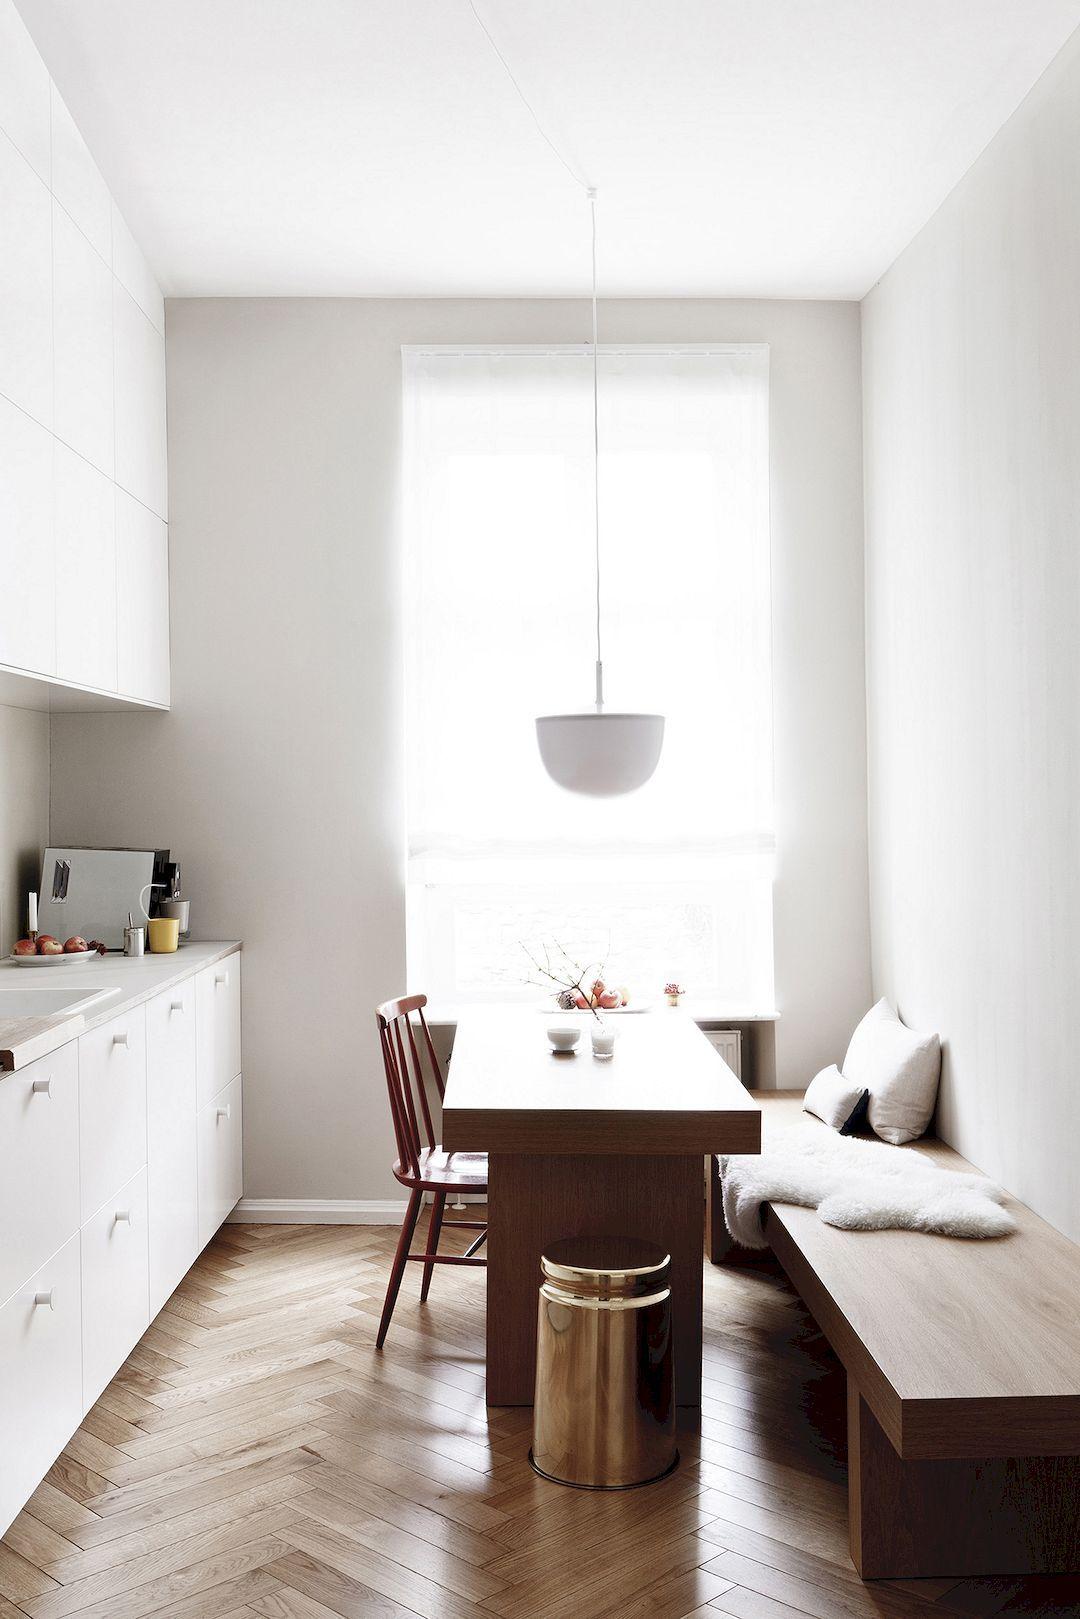 Merveilleux Best Kitchen Remodeling Ideas: 110 Modern Design Photos  Https://www.futuristarchitecture.com/17629 Kitchen Remodeling Ideas.html